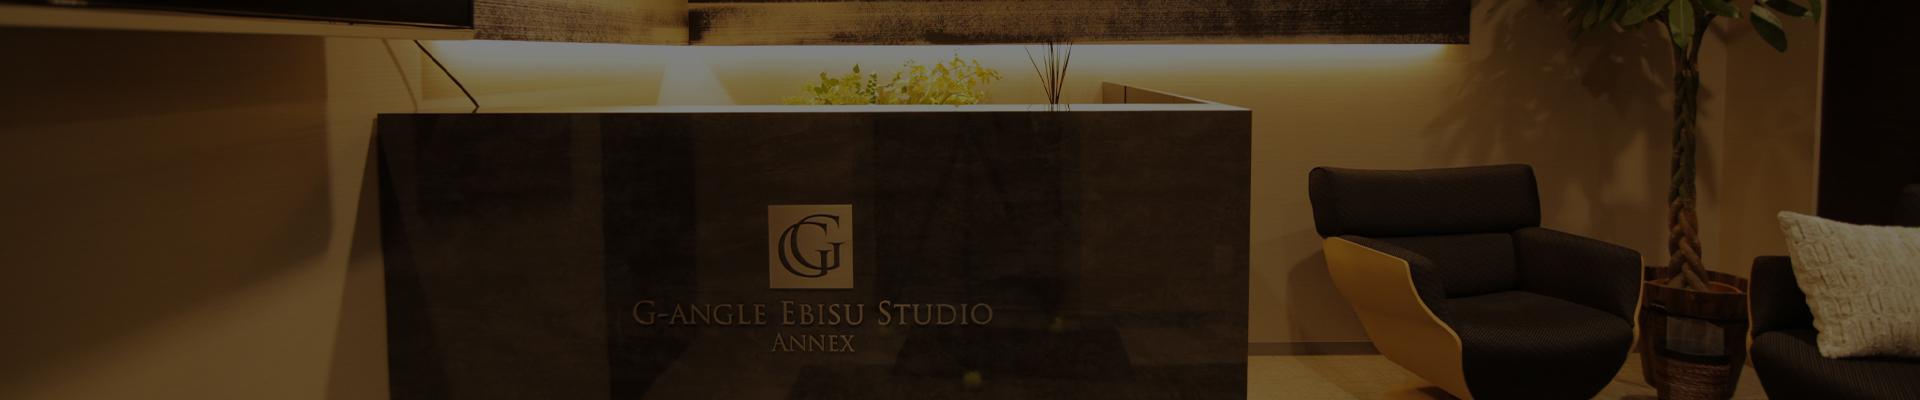 アフレコ・ナレーション収録「ジーアングル アネックス スタジオ」